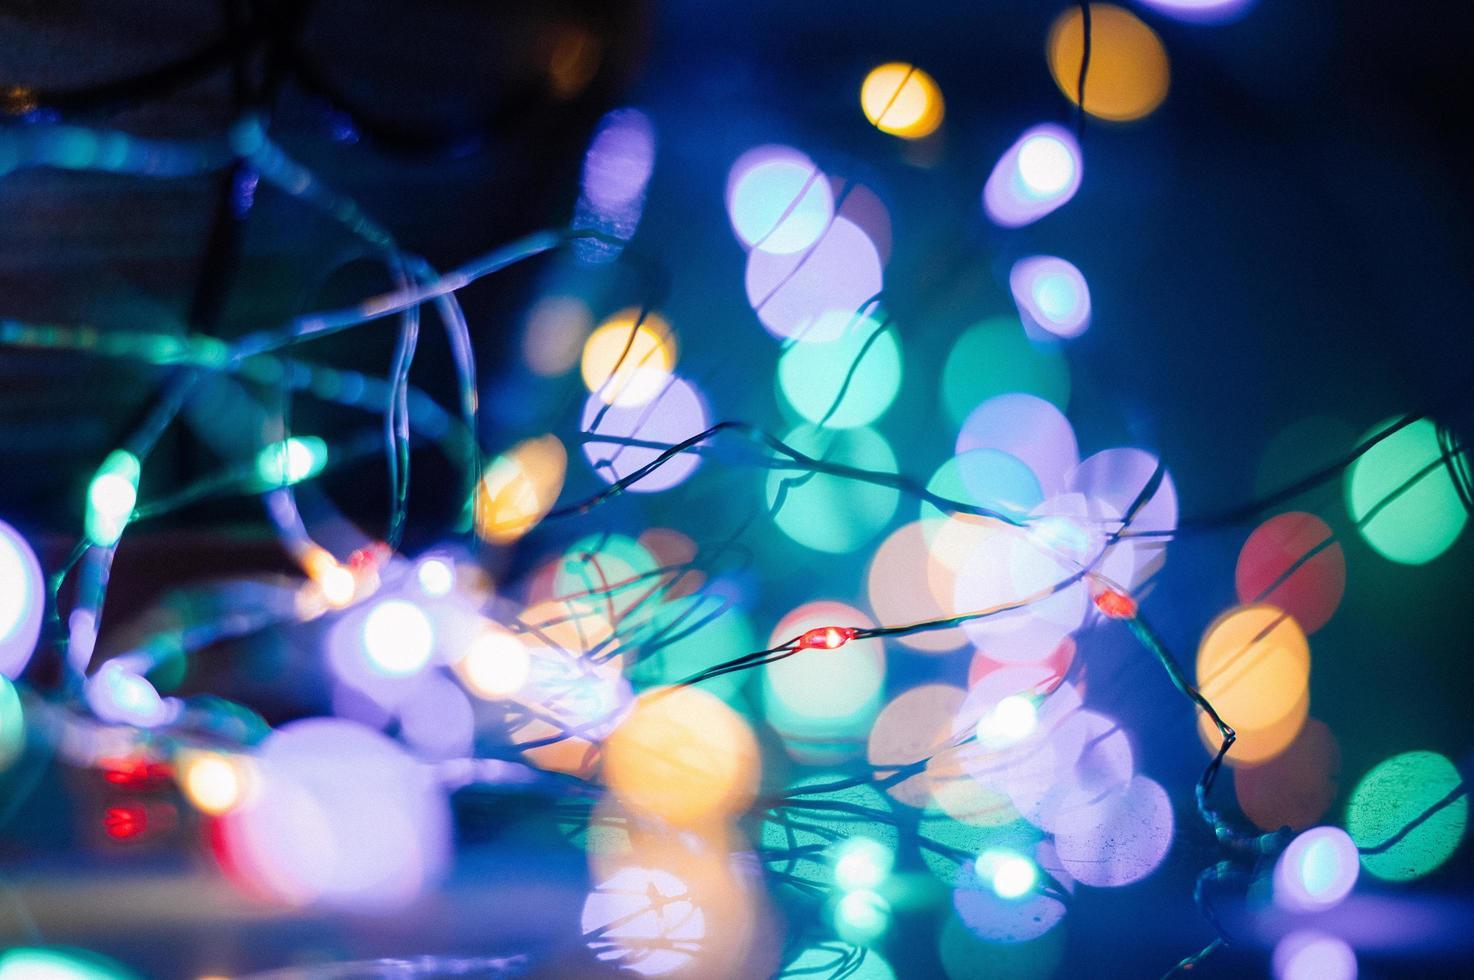 bokeh fotografie van lichtslingers foto